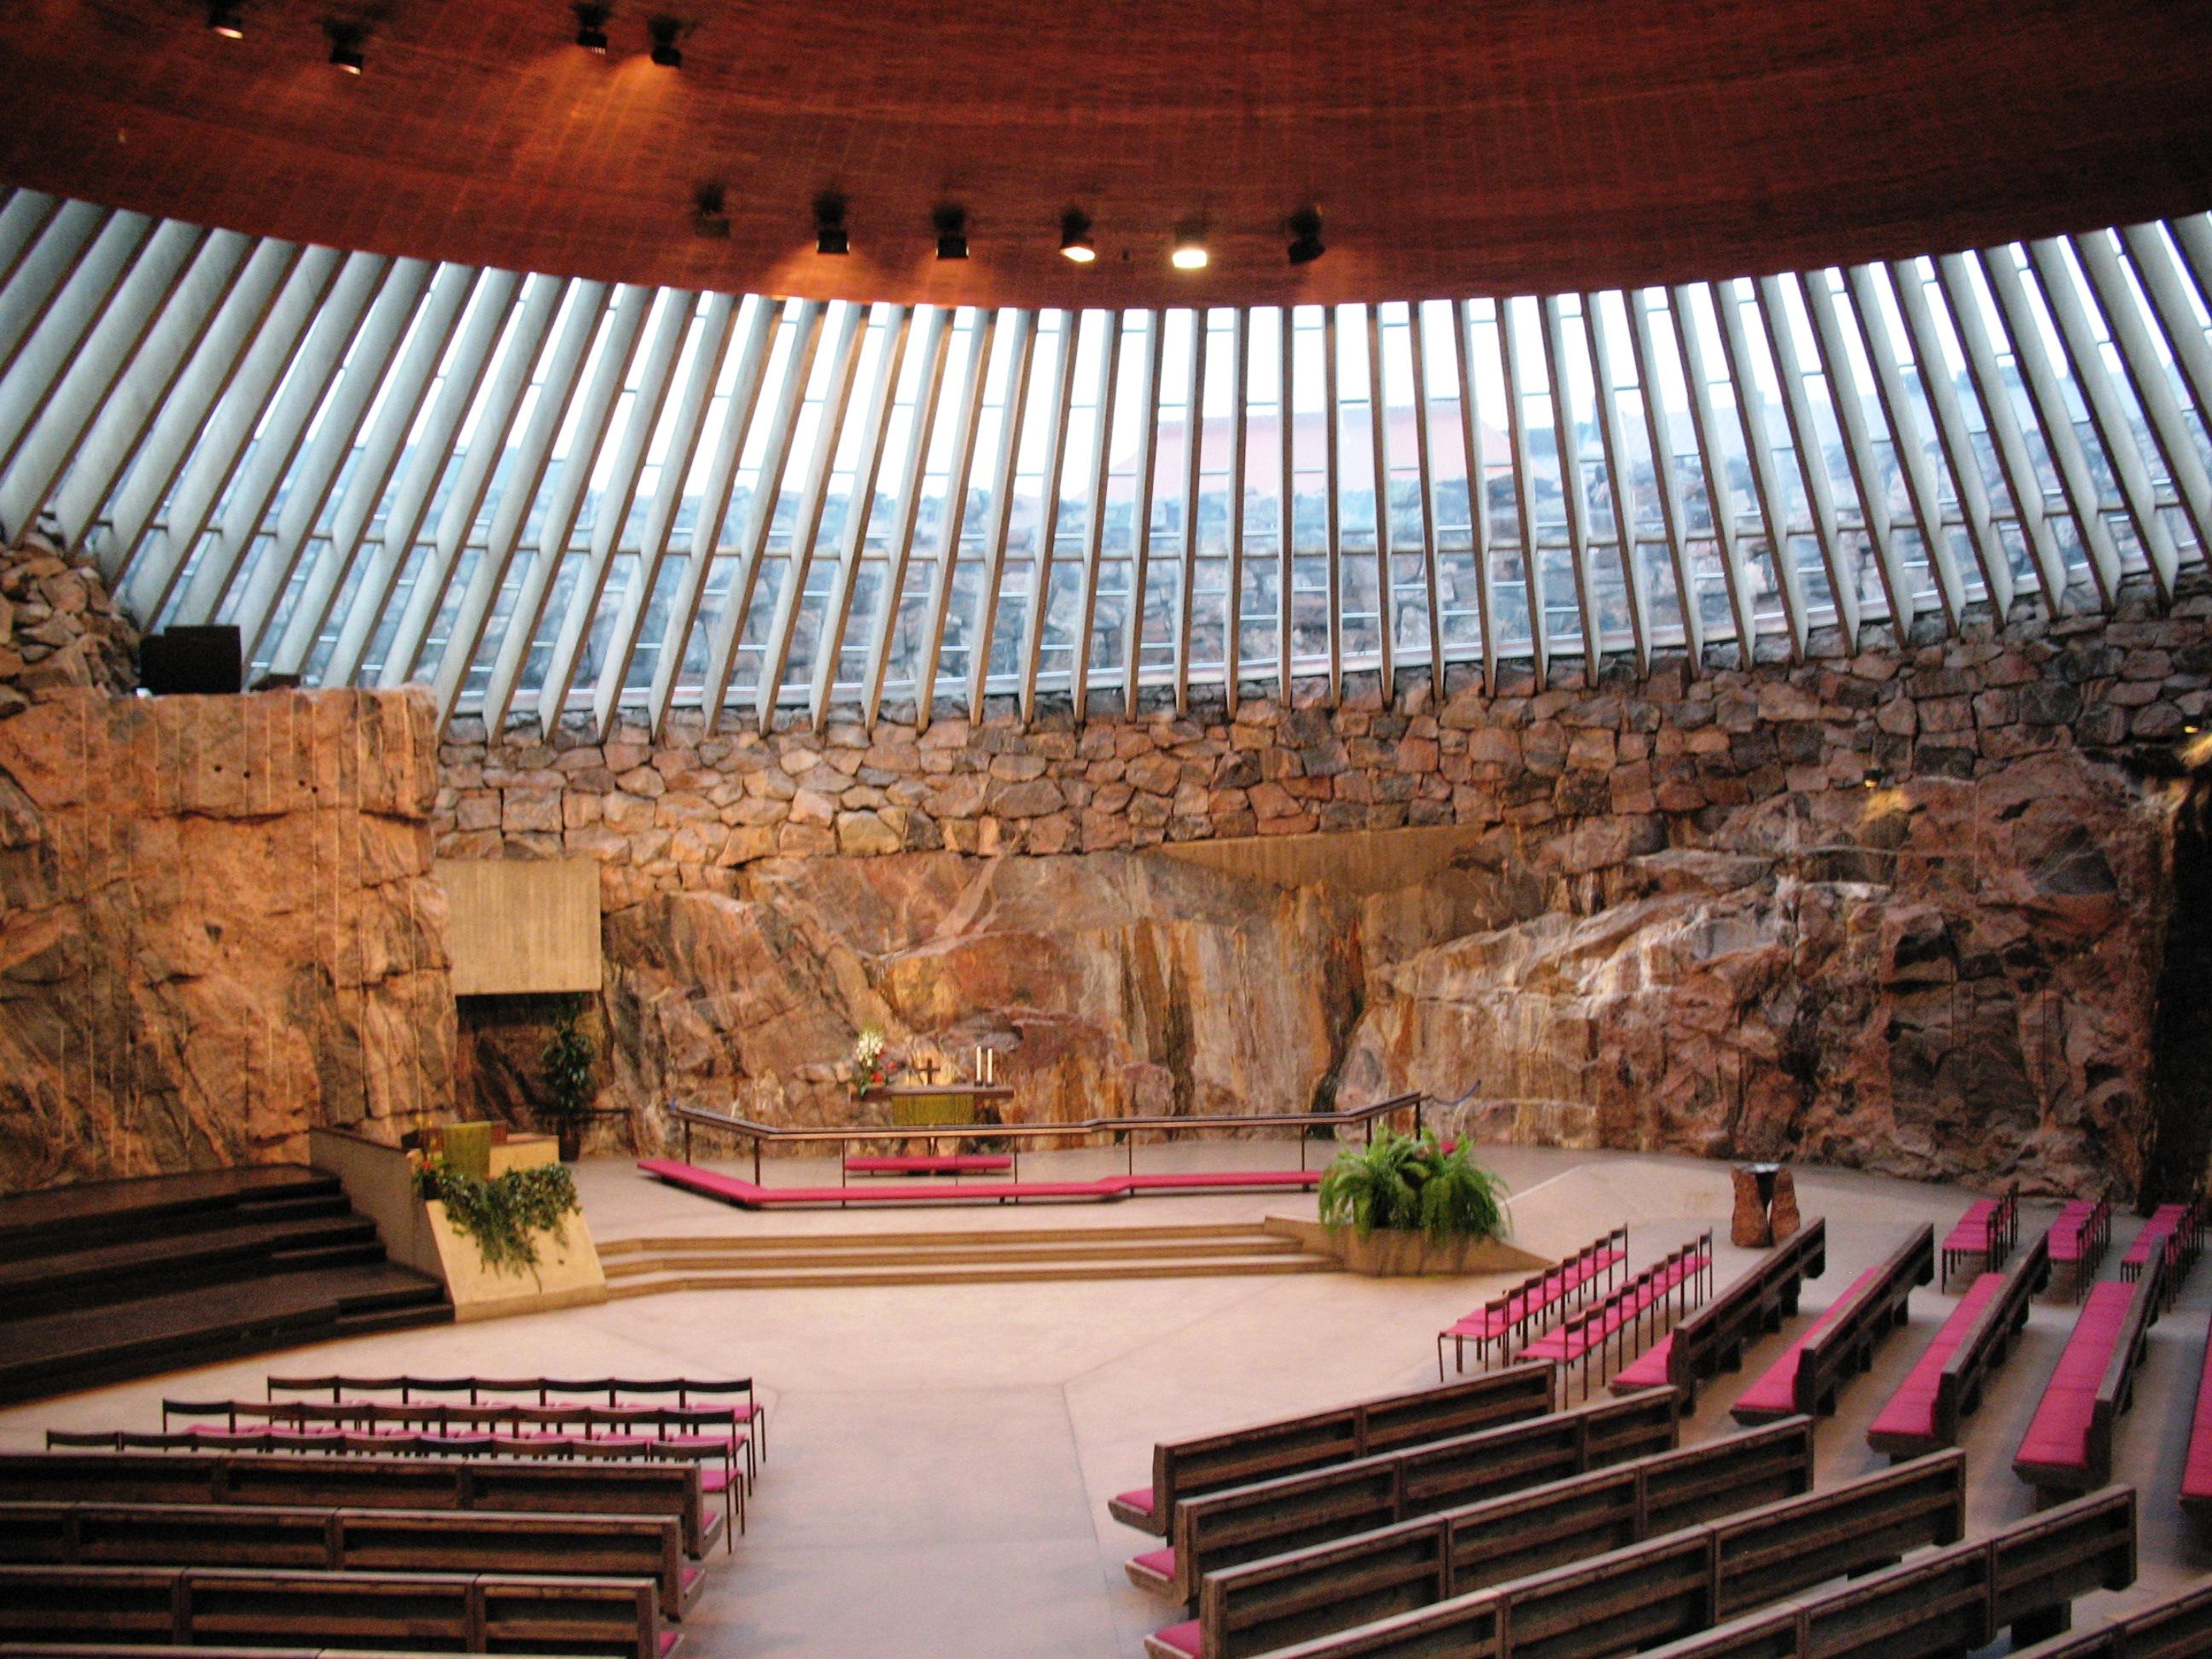 Temppeliaukio_Kirkko_(Rock_Church),_Helsinki